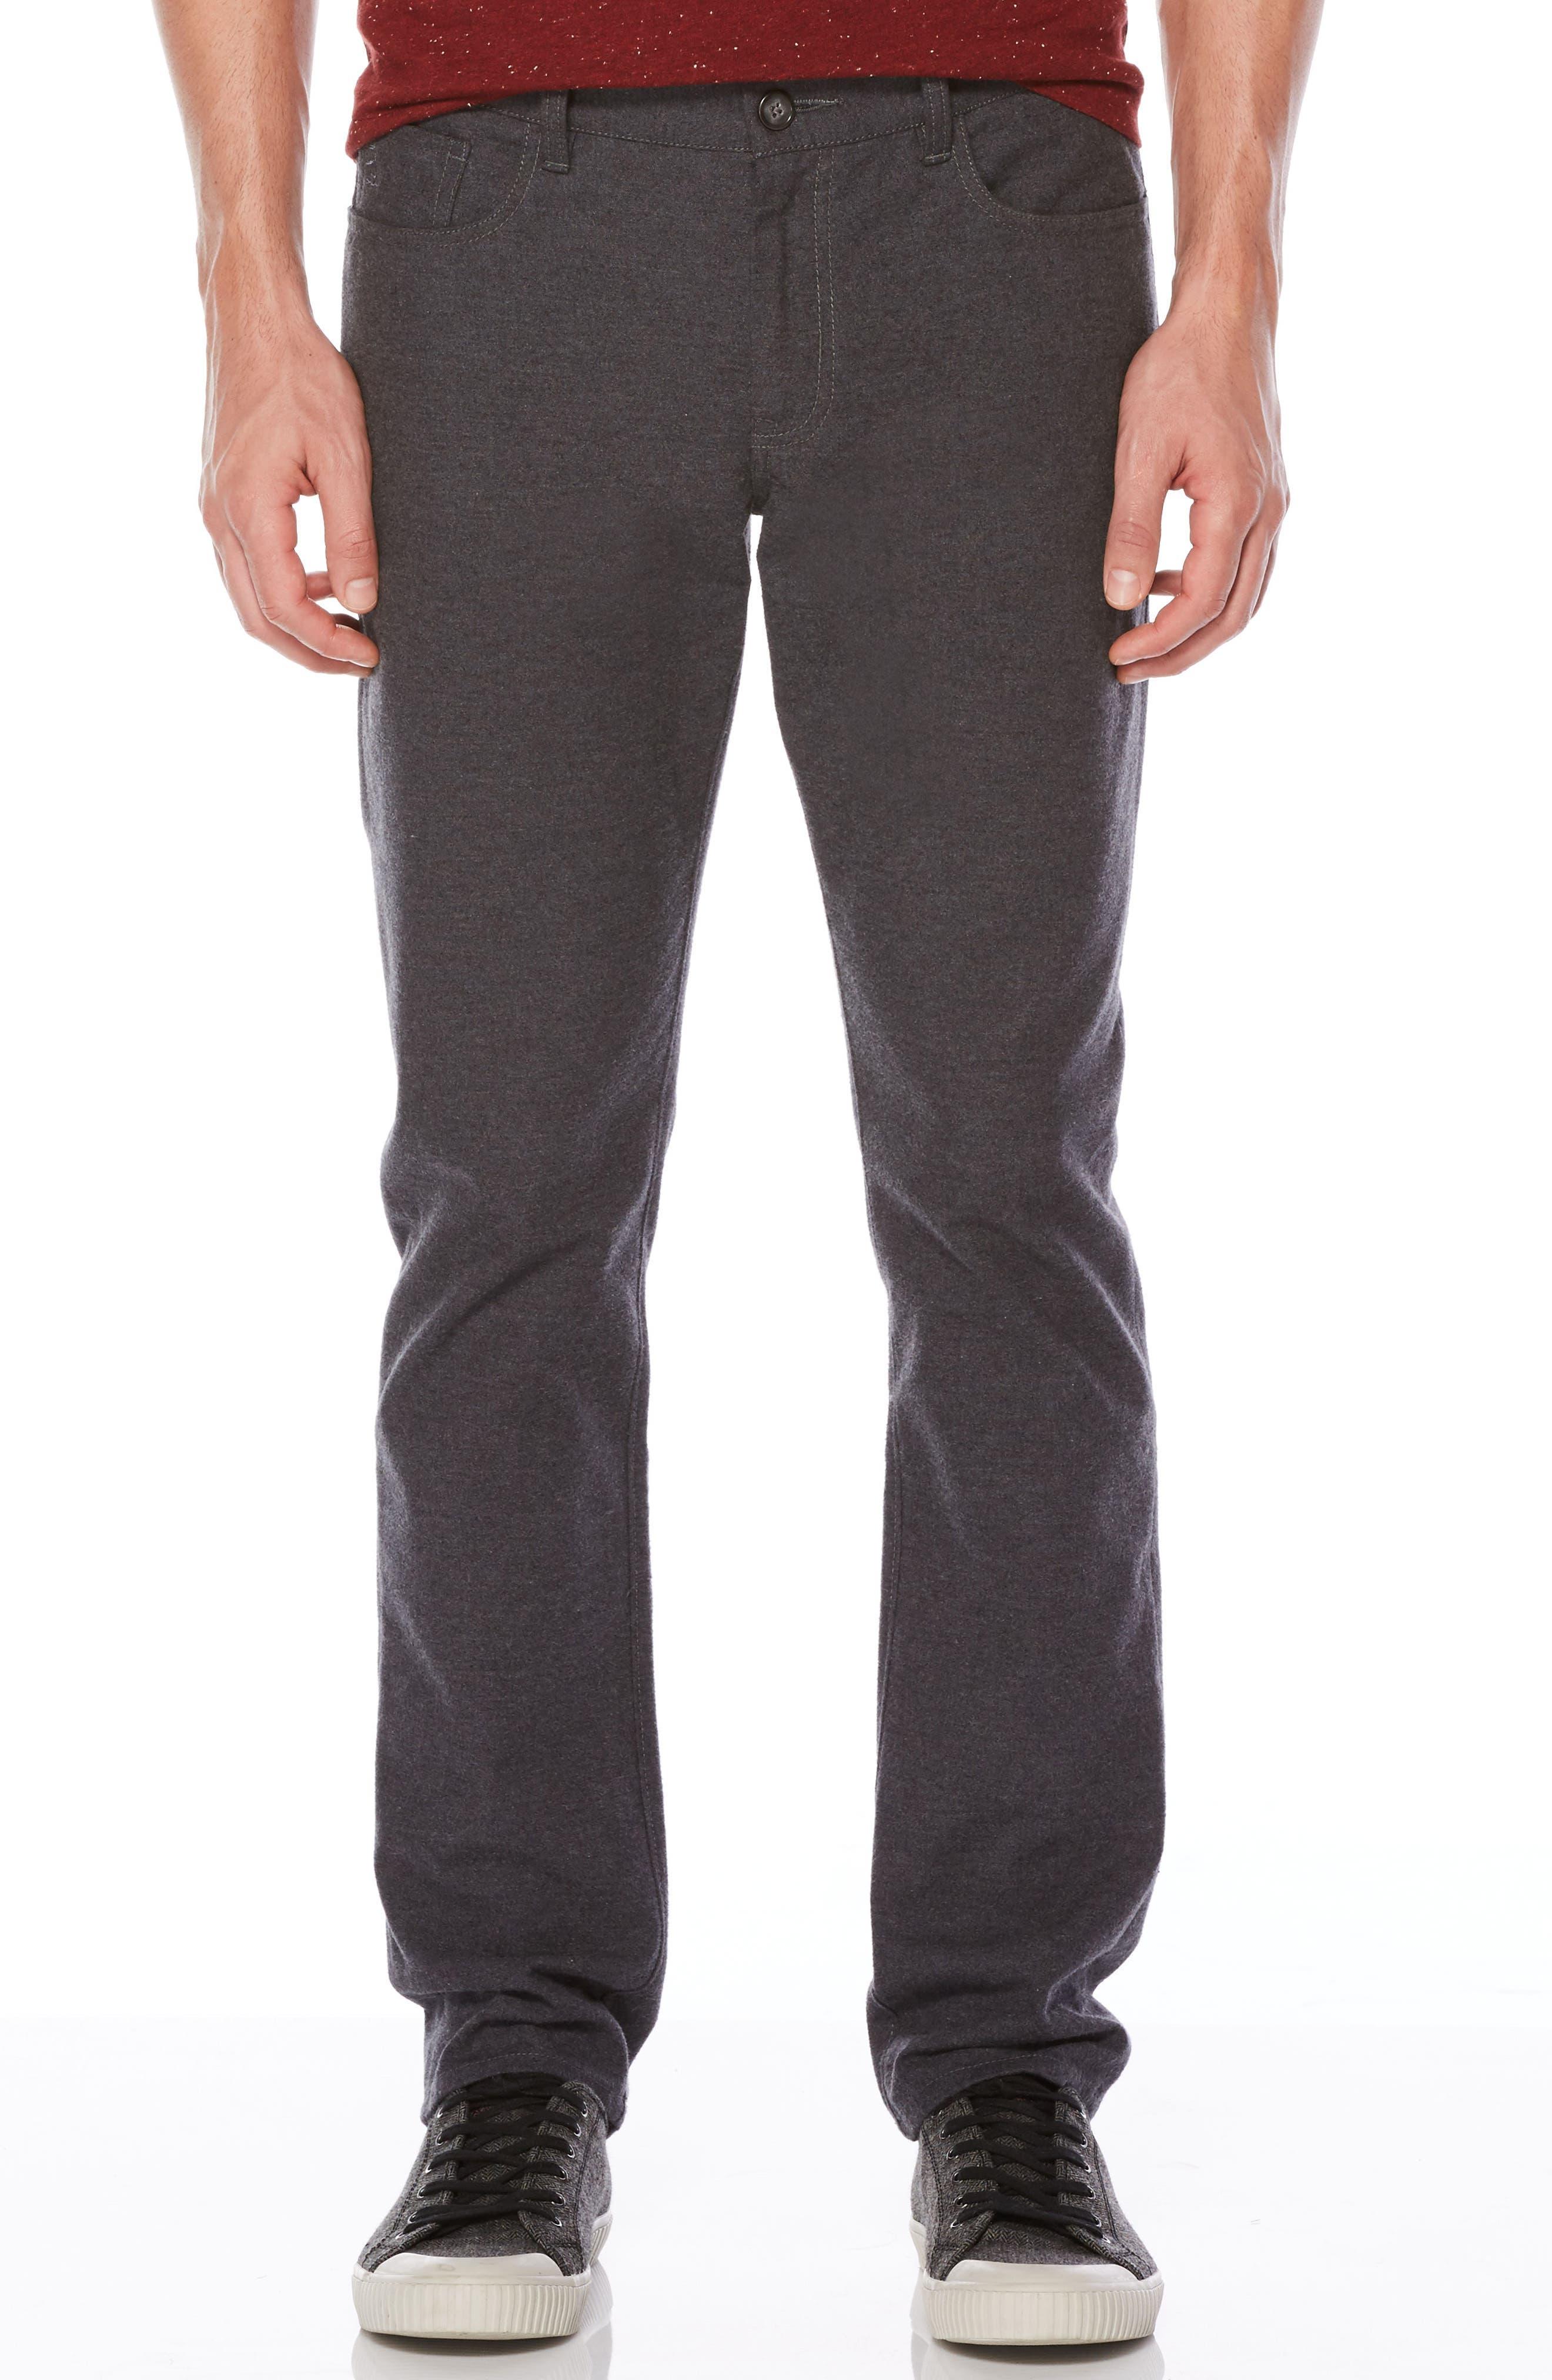 P55 Slim Fit Brushed Cotton Pants,                         Main,                         color, 022